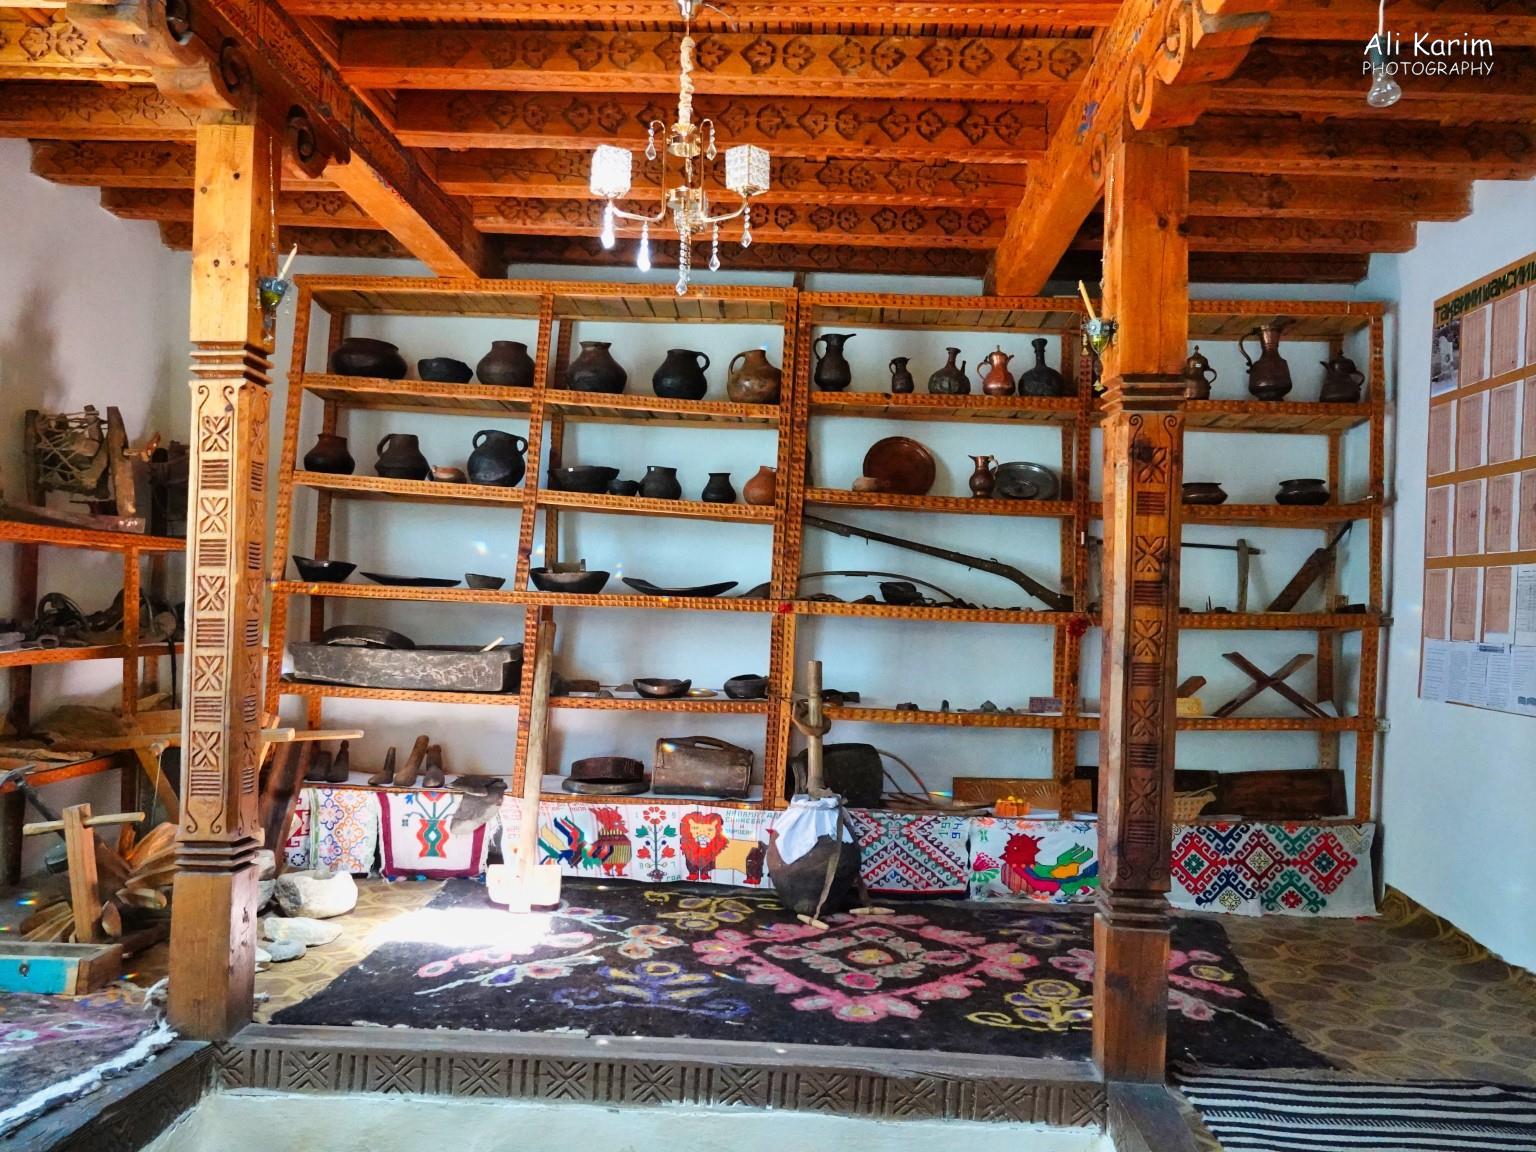 Langar, Bulunkul Tajikistan, Museum artifacts